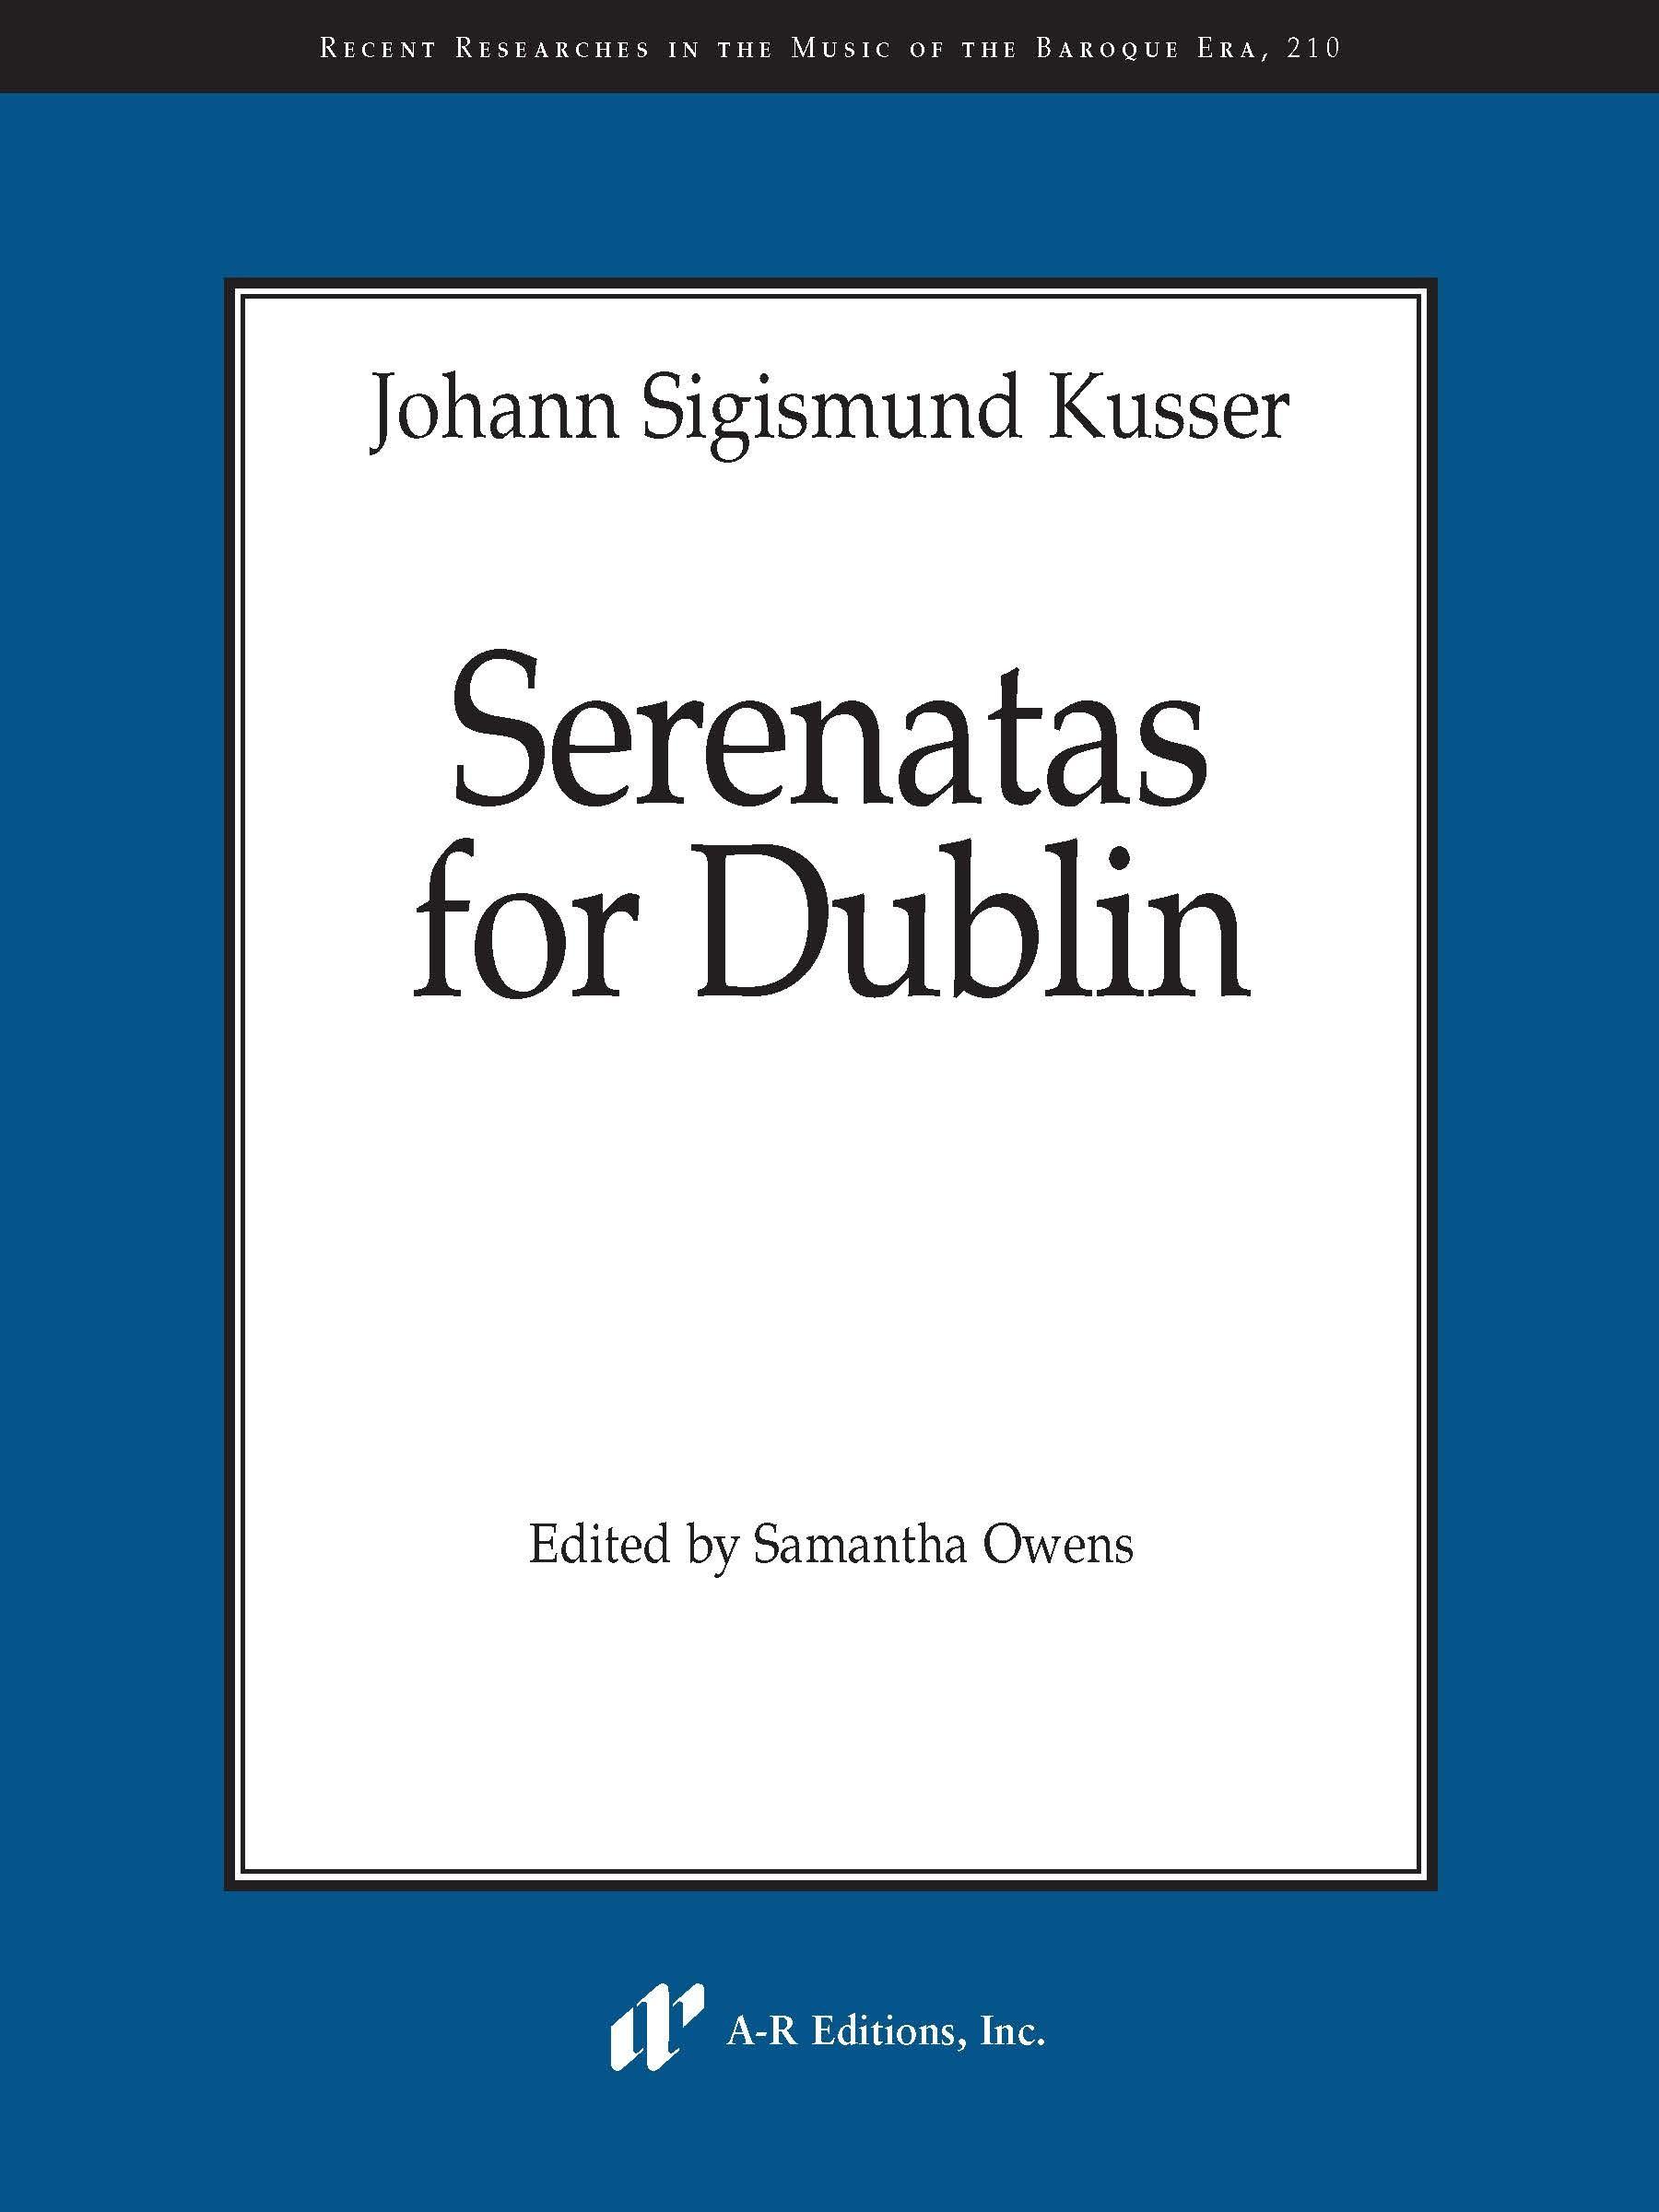 Kusser: Serenatas for Dublin